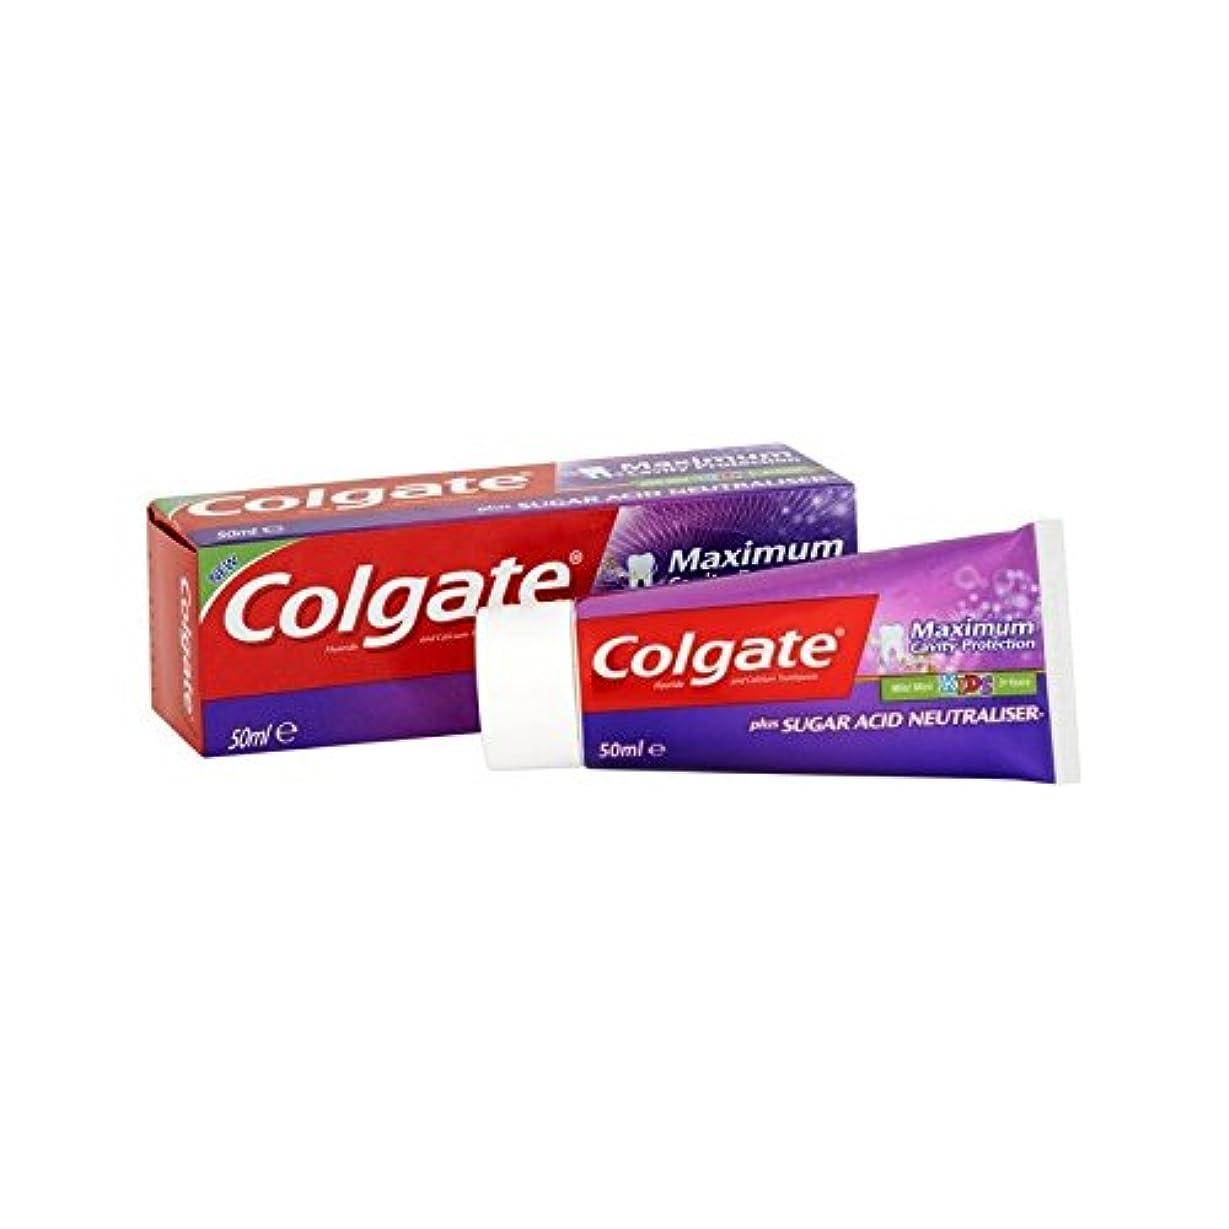 回路簡単な役員最大空洞の子供の50ミリリットルを保護 (Colgate) (x 4) - Colgate Maximum Cavity Protect Kids 50ml (Pack of 4) [並行輸入品]